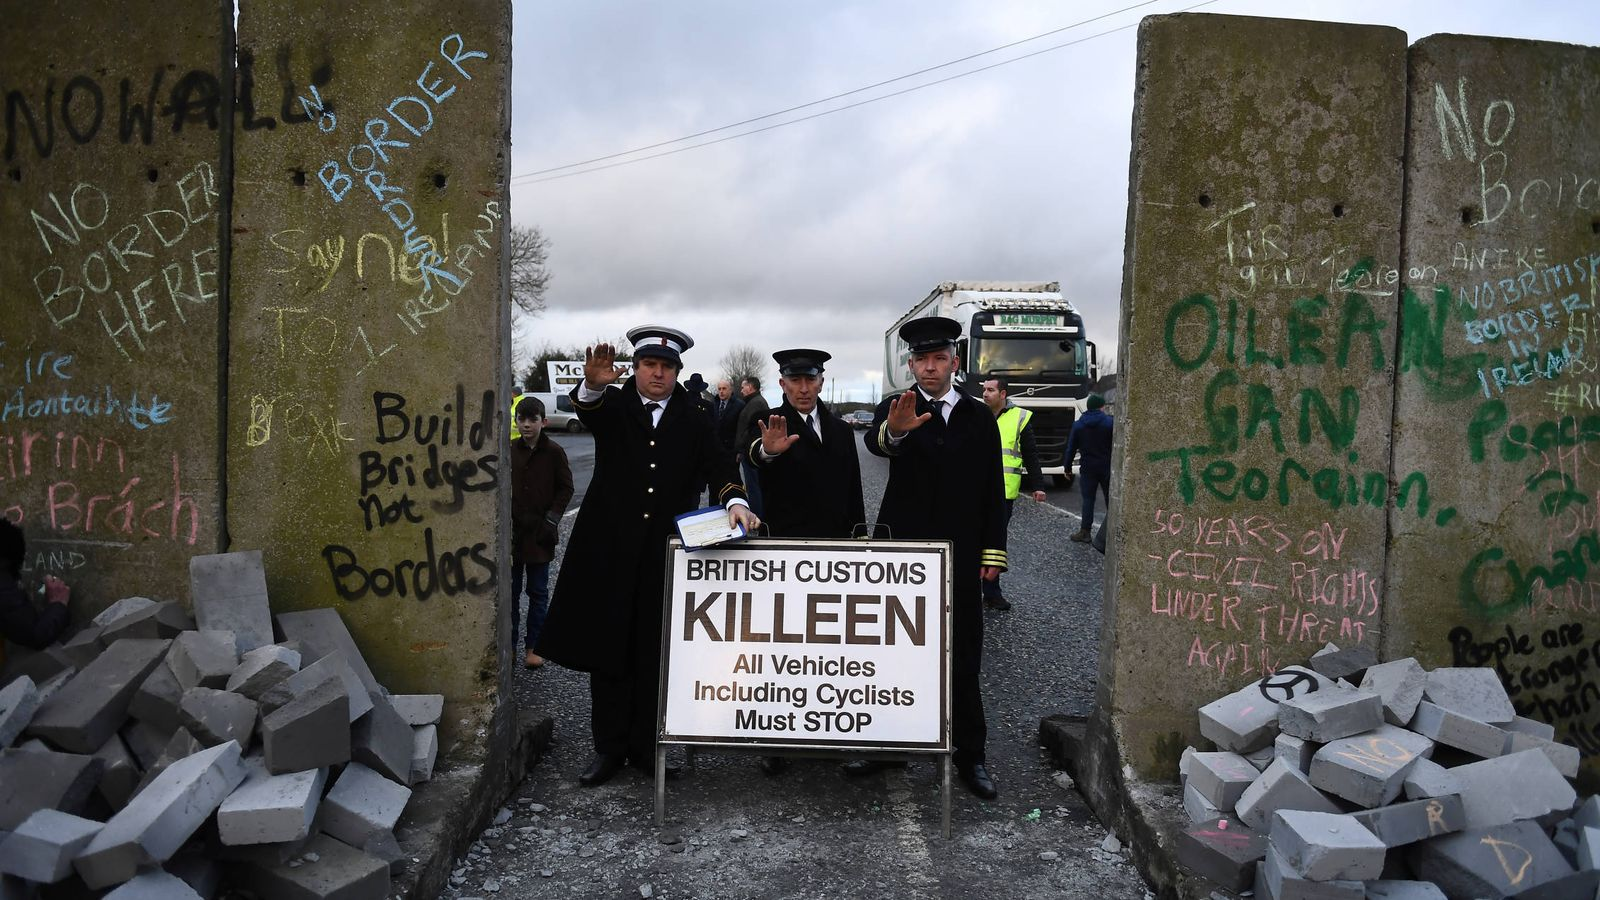 Foto: Activistas contrarios al Brexit protestan en Carrickcarnan, Irlanda. (Reuters)